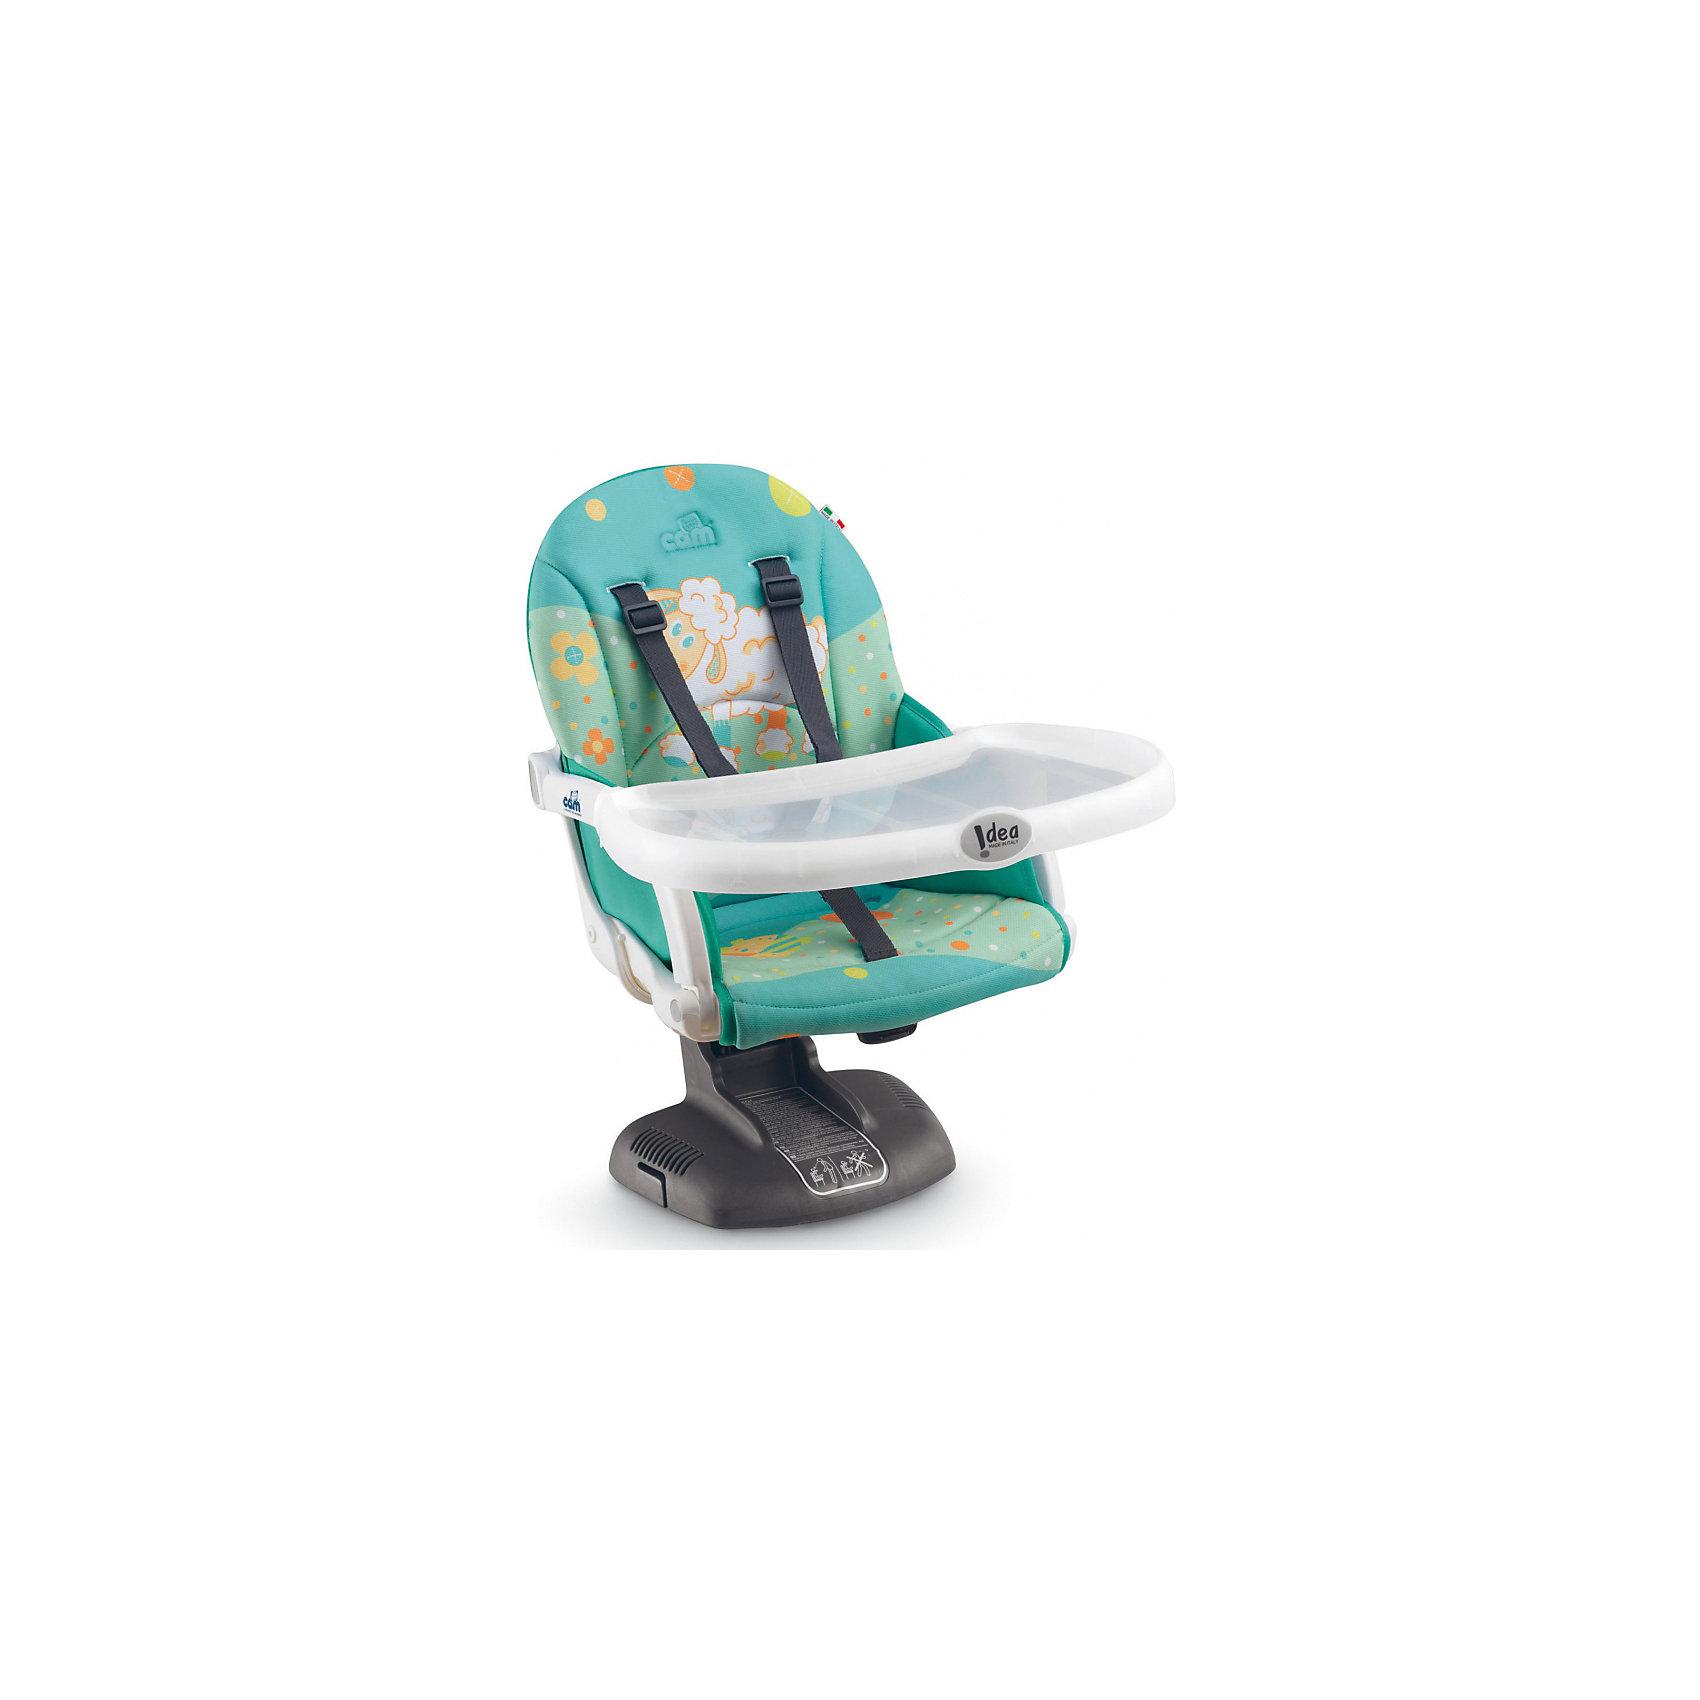 Стульчик для кормления Idea, CAM, овечка на голубомот +6 месяцев<br>Стульчик для кормления Idea, CAM, овечка на голубом – компактная модель для дома и дачи.<br>Тип стульчика – бустер. Он крепится к обычной мебели и может быть отрегулирован с помощью 7 уровней высоты сидения. Мягкое сидение и подлокотники делают сиденье комфортным для ребенка, а ремни безопасности защищают малыша от падения и не дают ему выбраться самостоятельно. <br><br> Дополнительная информация:<br><br>- цвет: голубой<br>- размер: 52х36х40 см<br>- вес: 2,8<br><br><br>Стульчик для кормления Idea, CAM, овечка на голубом можно купить в нашем интернет магазине.<br><br>Ширина мм: 995<br>Глубина мм: 369<br>Высота мм: 499<br>Вес г: 3750<br>Возраст от месяцев: 6<br>Возраст до месяцев: 36<br>Пол: Унисекс<br>Возраст: Детский<br>SKU: 5013513